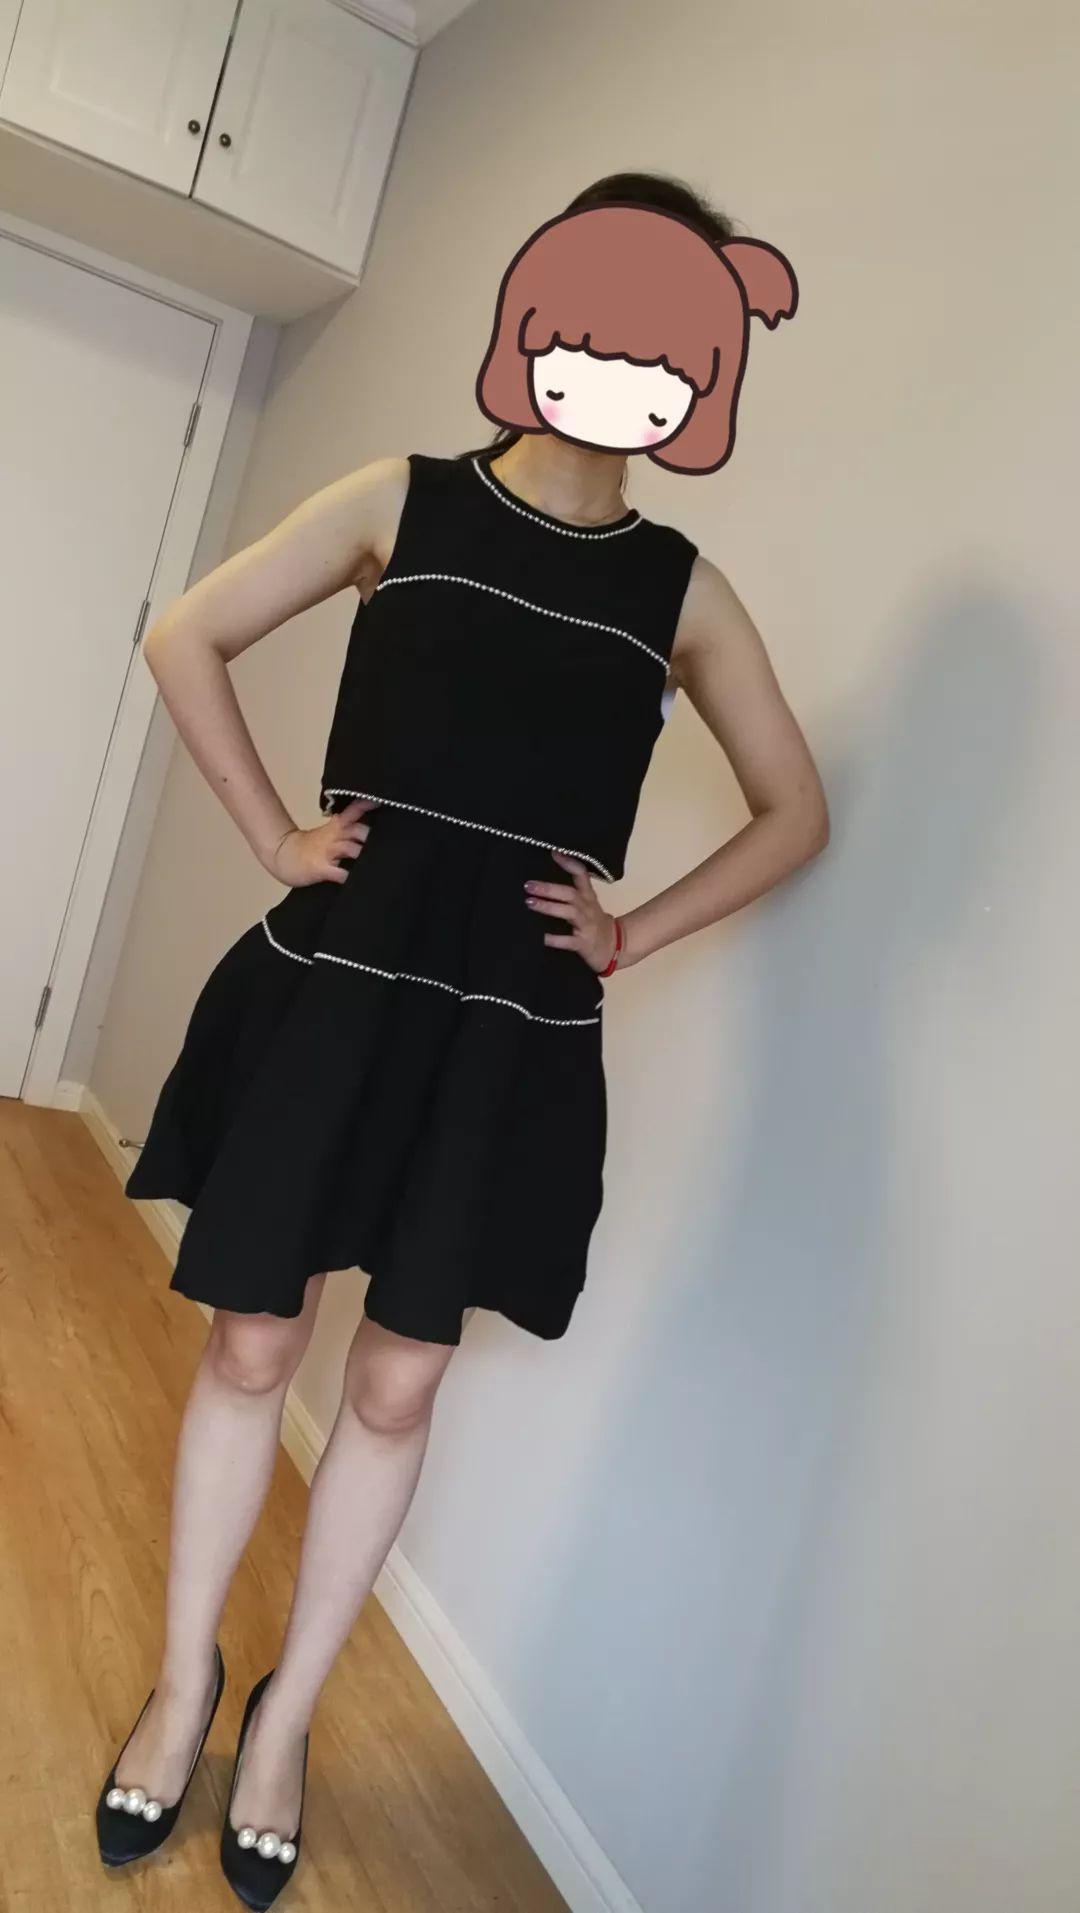 我和高贵姨妈_网红上新测评:有的裙子看上去很甜,穿上后很苦!_卢洁云